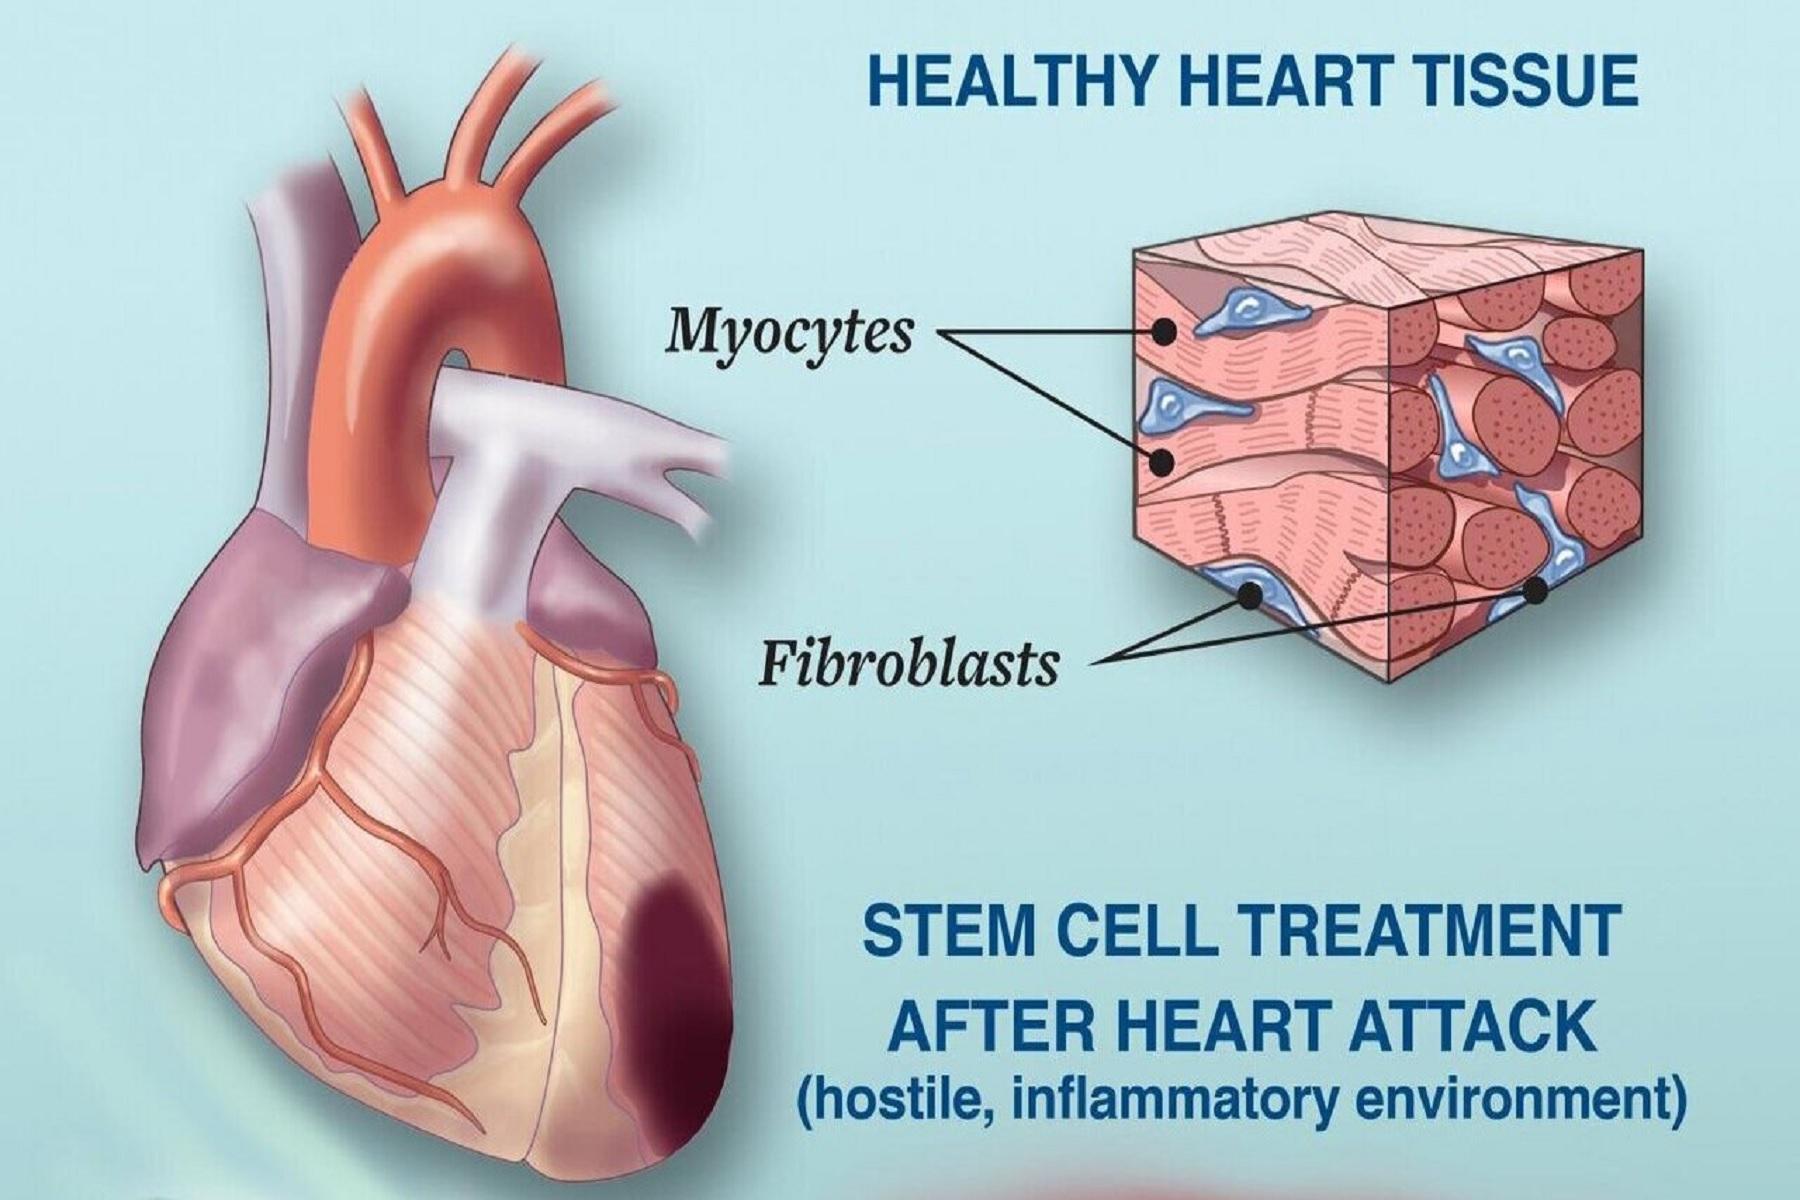 Καρδιακή ανεπάρκεια διάγνωση: Μηχανική μάθηση για ακρίβεια